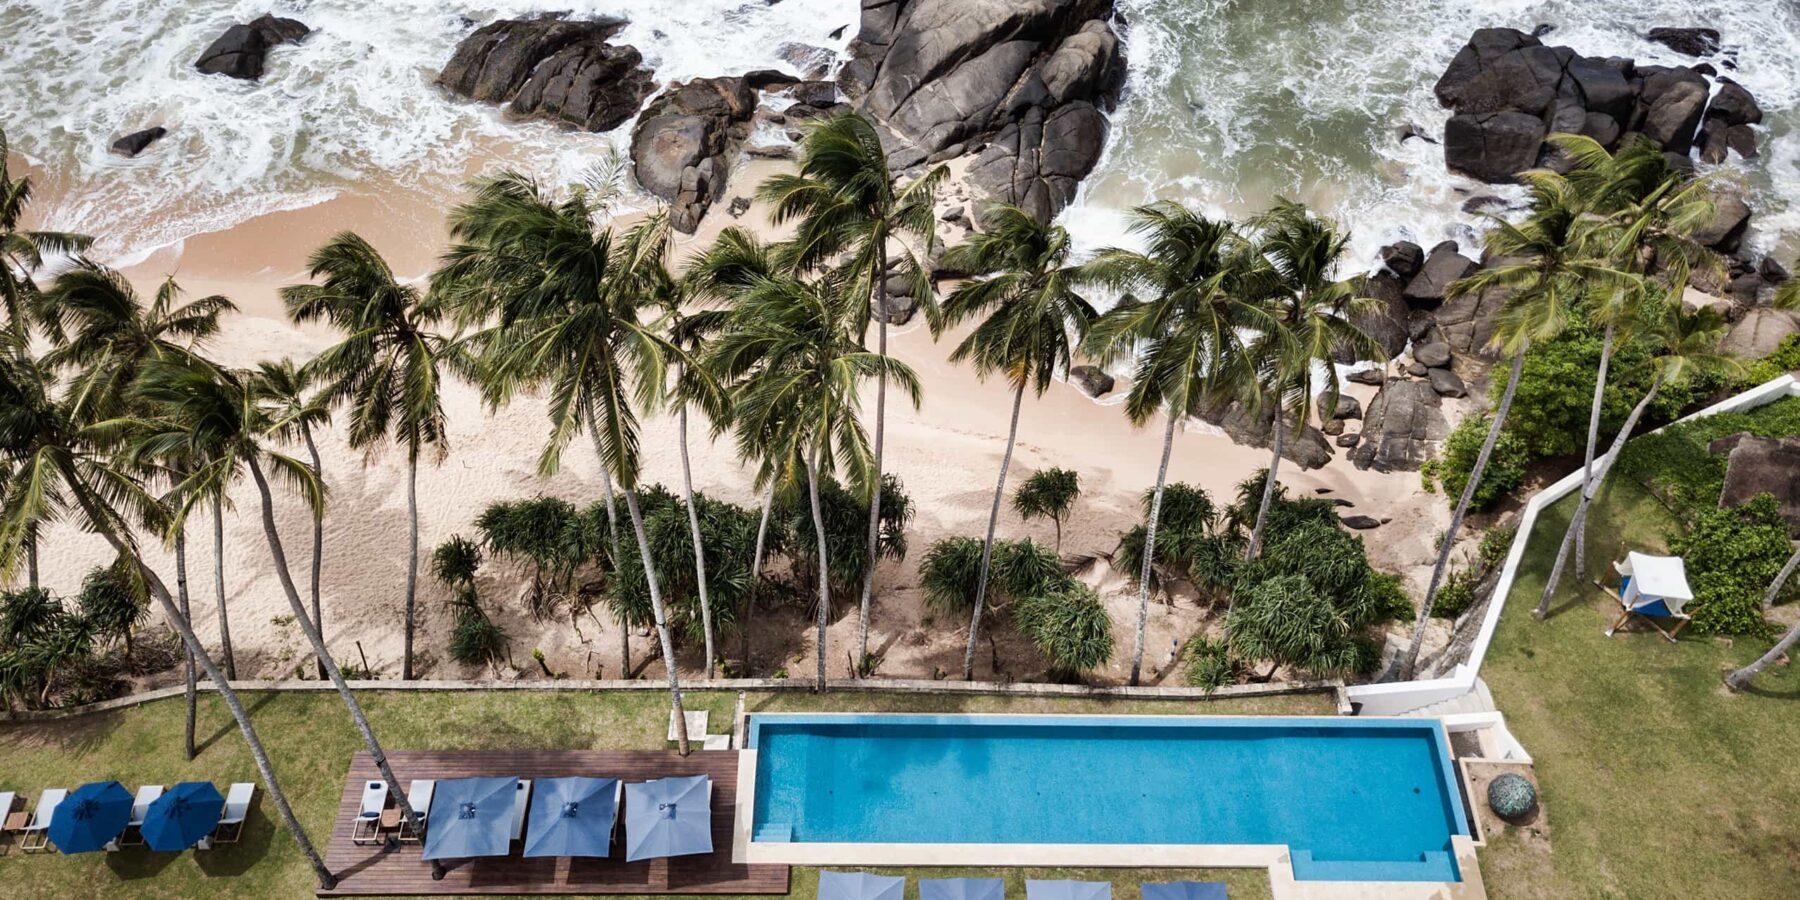 One of the best beaches in Sri Lanka is rugged Kumu beach